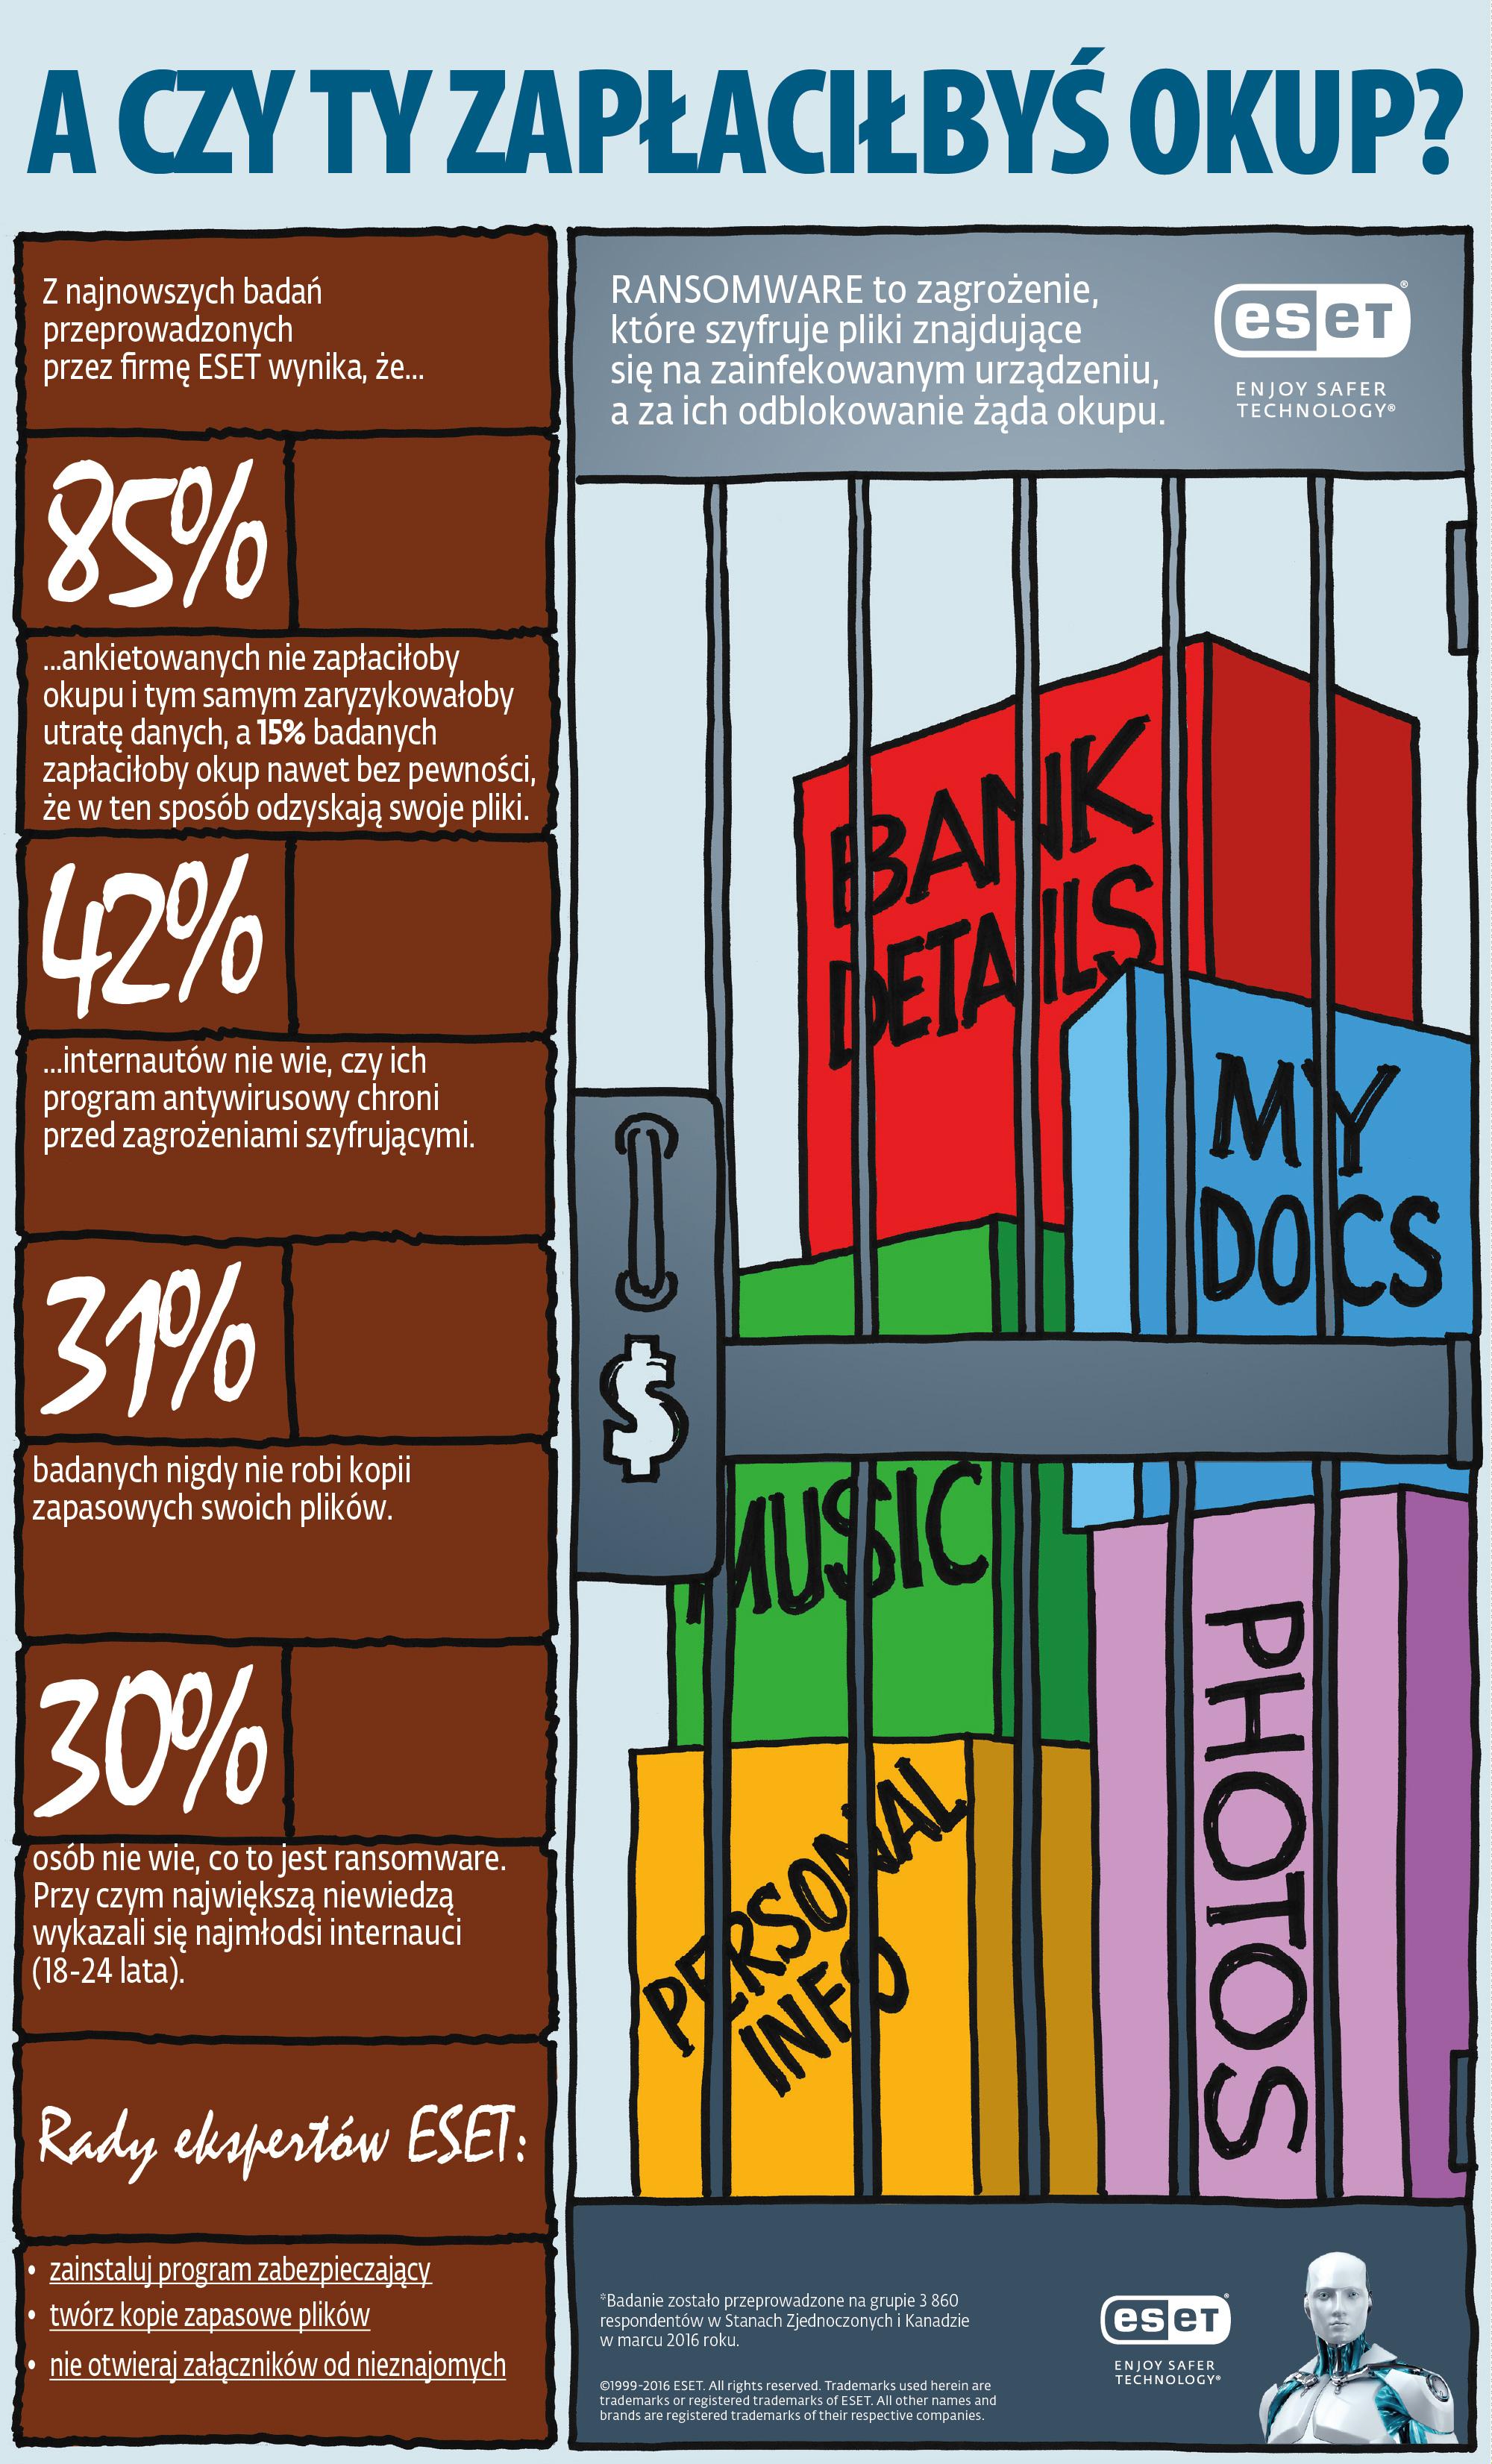 A czy Ty zapłaciłbyś okup - infografika